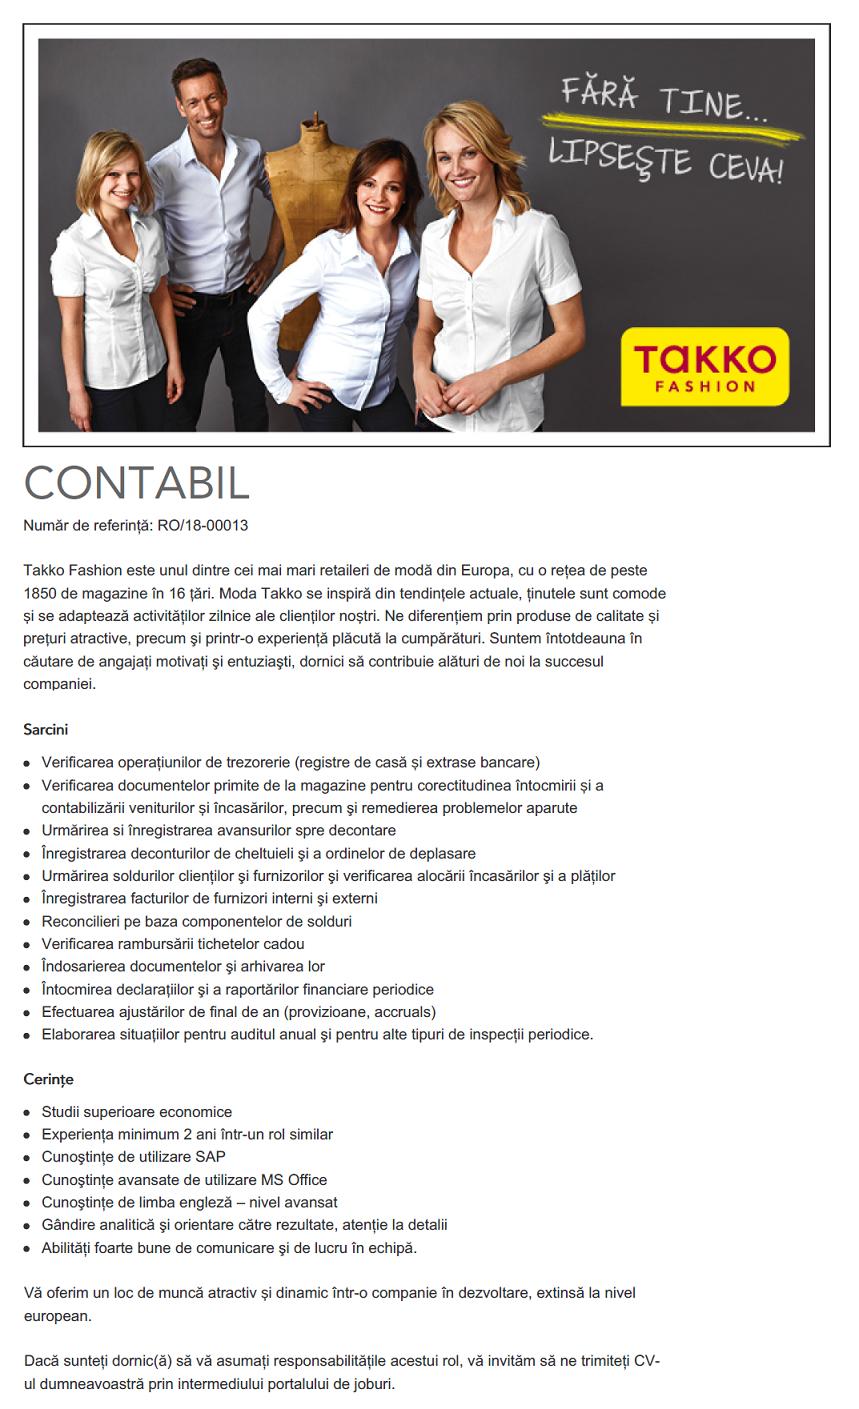 CONTABIL Număr de referinţă: RO/17-00006 Takko Fashion este unul dintre cei mai mari retaileri de modă din Europa, cu o reţea de peste 1850 de magazine în 16 țări. Moda Takko se inspiră din tendințele actuale, ţinutele sunt comode și se adaptează activităţilor zilnice ale clienților noștri. Ne diferenţiem prin produse de calitate și prețuri atractive, precum şi printr-o experienţă plăcută la cumpărături. Suntem întotdeauna în căutare de angajaţi motivaţi şi entuziaşti, dornici să contribuie alături de noi la succesul companiei. Sarcini Urmărirea şi înregistrarea avansurilor spre decontare Înregistrarea deconturilor de cheltuieli Urmărirea soldurilor clienţilor şi furnizorilor şi verificarea alocării încasărilor şi plăţilor Înregistrarea facturilor de furnizori interni şi externi Înregistrarea cheltuielilor in avans Reconcilierea soldurilor din balanţa de verificare Închiderea lunii conform deadline-urilor companiei Calculul impozitului pe profit Întocmirea declaraţiilor lunare Cerinţe Studii superioare economice Experienţa minimum 2 ani într-un rol similar Cunoştinţe de utilizare SAP Cunoştinţe avansate de utilizare MS Office Cunoştinţe de limba engleză – nivel avansat Gândire analitică şi orientare către rezultate, atenţie la detalii Abilităţi foarte bune de comunicare şi de lucru în echipă. Vă oferim un loc de muncă atractiv și dinamic într-o companie în dezvoltare, extinsă la nivel european. Dacă sunteţi dornic(ă) să vă asumaţi responsabilităţile acestui rol, vă rugăm să aplicați prin intermediul portalului de joburi.  CONTABIL Număr de referinţă: RO/17-00006 Takko Fashion este unul dintre cei mai mari retaileri de modă din Europa, cu o reţea de peste 1850 de magazine în 16 țări. Moda Takko se inspiră din tendințele actuale, ţinutele sunt comode și se adaptează activităţilor zilnice ale clienților noștri. Ne diferenţiem prin produse de calitate și prețuri atractive, precum şi printr-o experienţă plăcută la cumpărături. Suntem întotdeauna în căutare de angajaţi mo